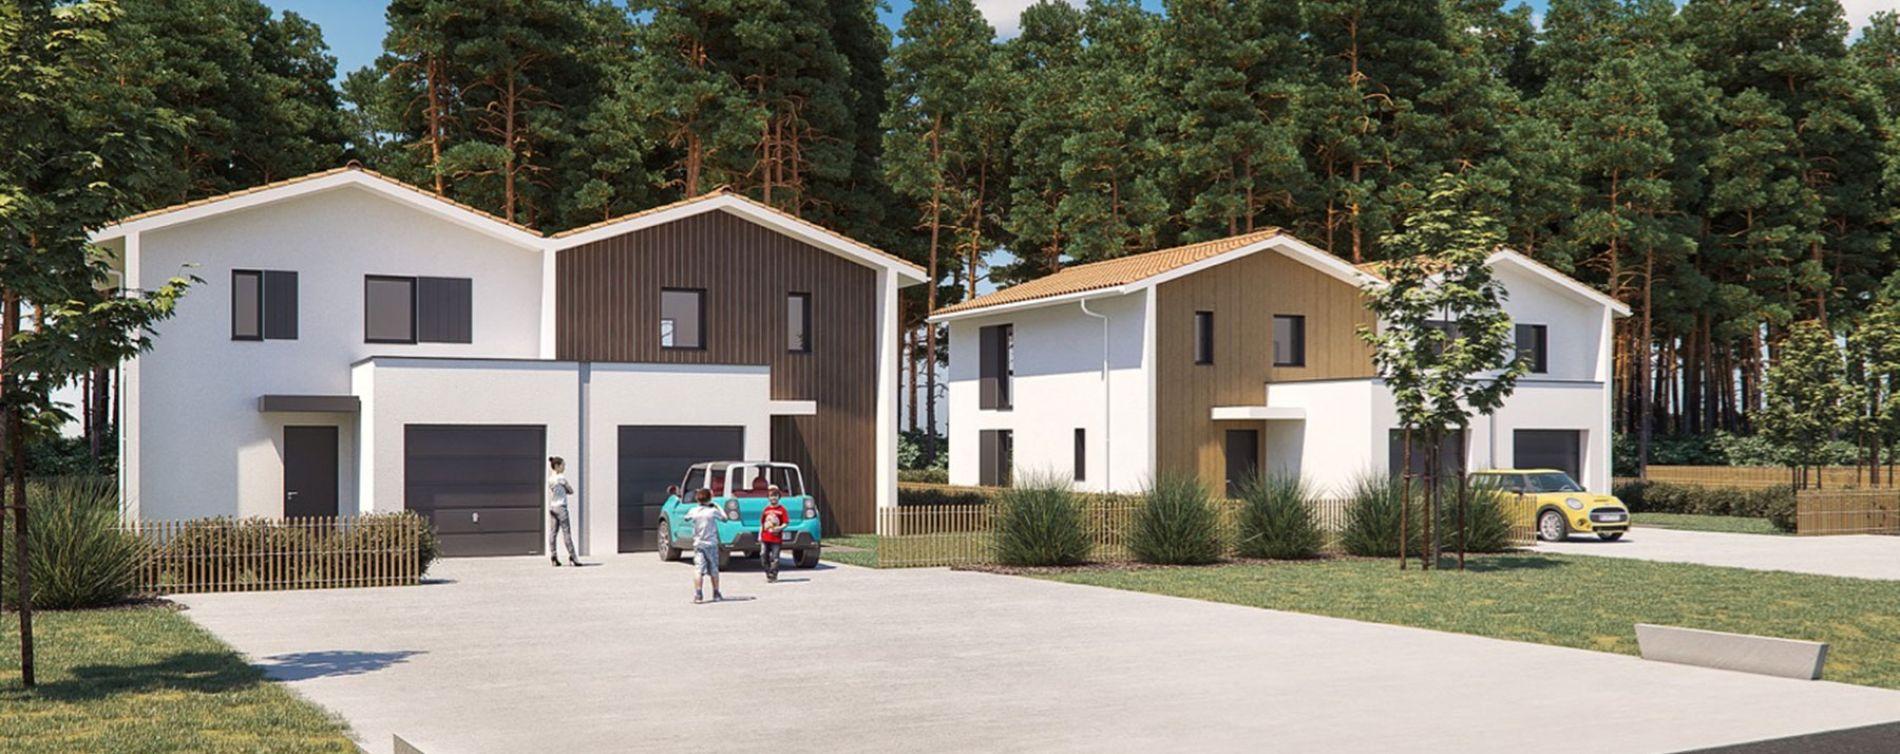 Résidence Les Villas De Lapuyade à Biscarrosse